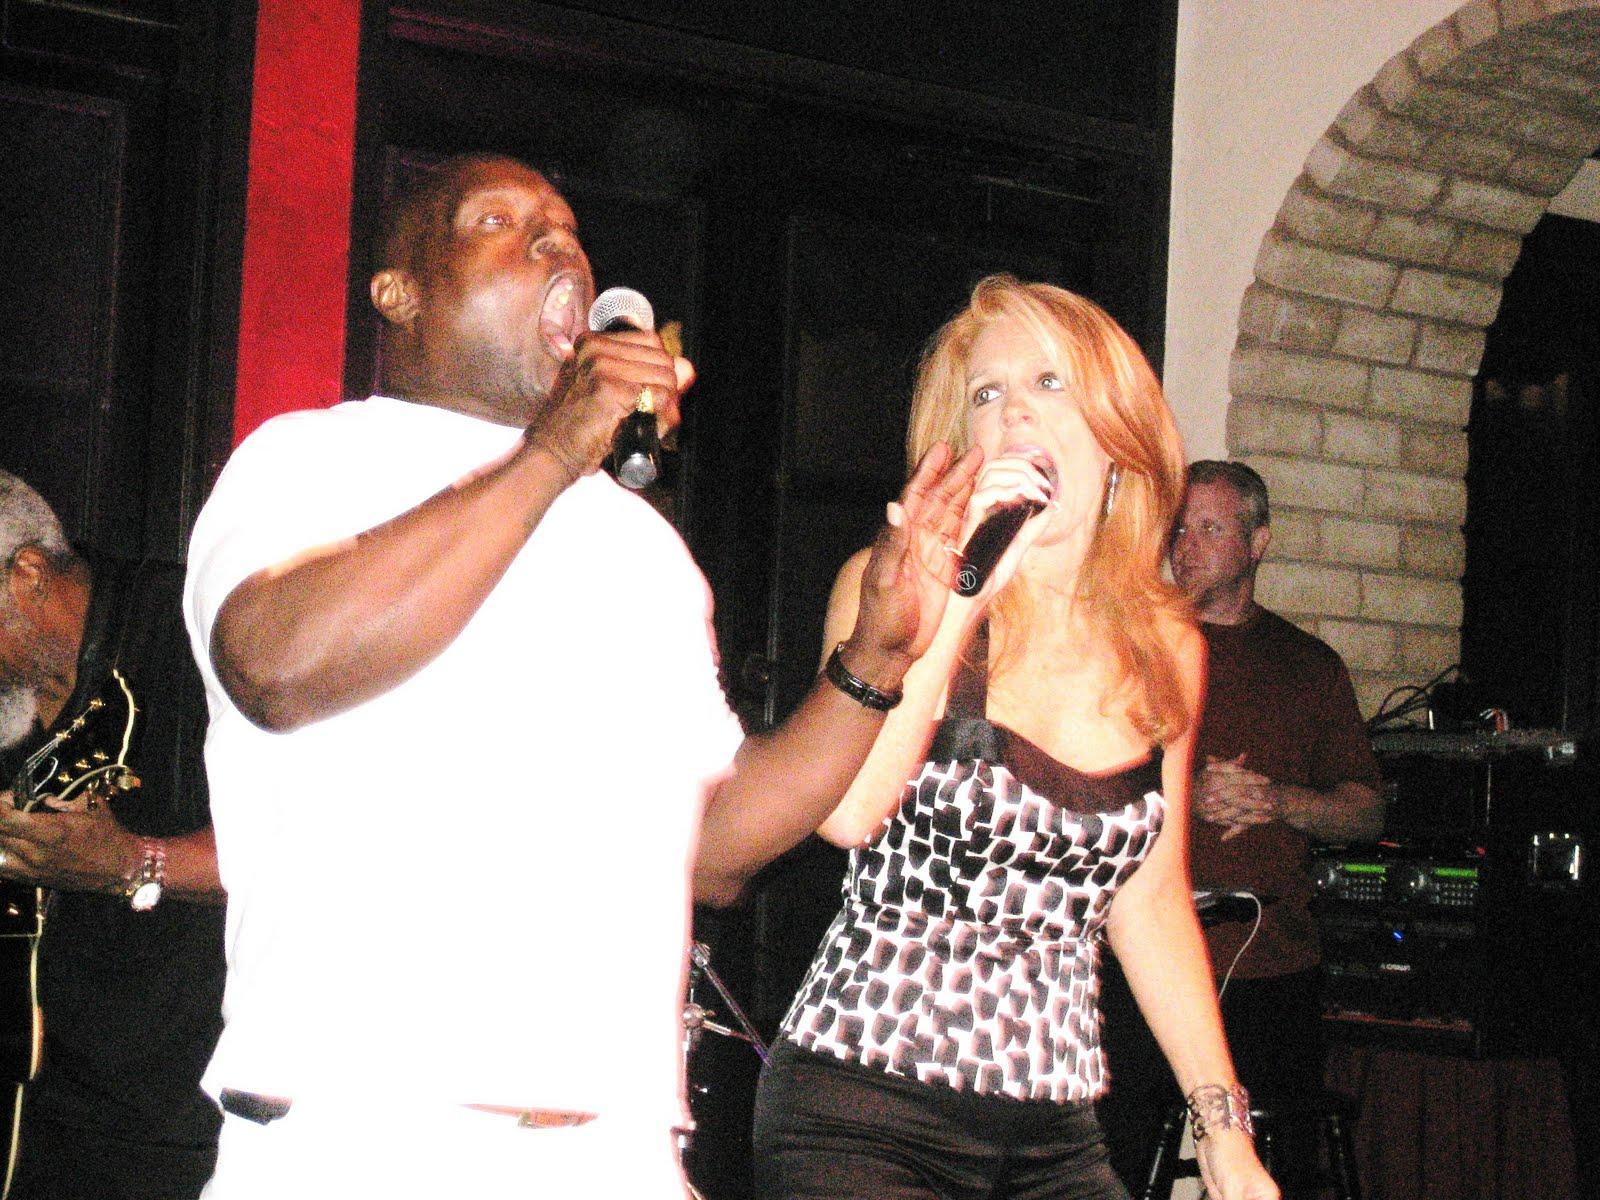 http://4.bp.blogspot.com/_8nYbd_HLh2s/TFSvdz0-O6I/AAAAAAAACWw/l425XdRtMnU/s1600/July+26+open+mic+047.JPG